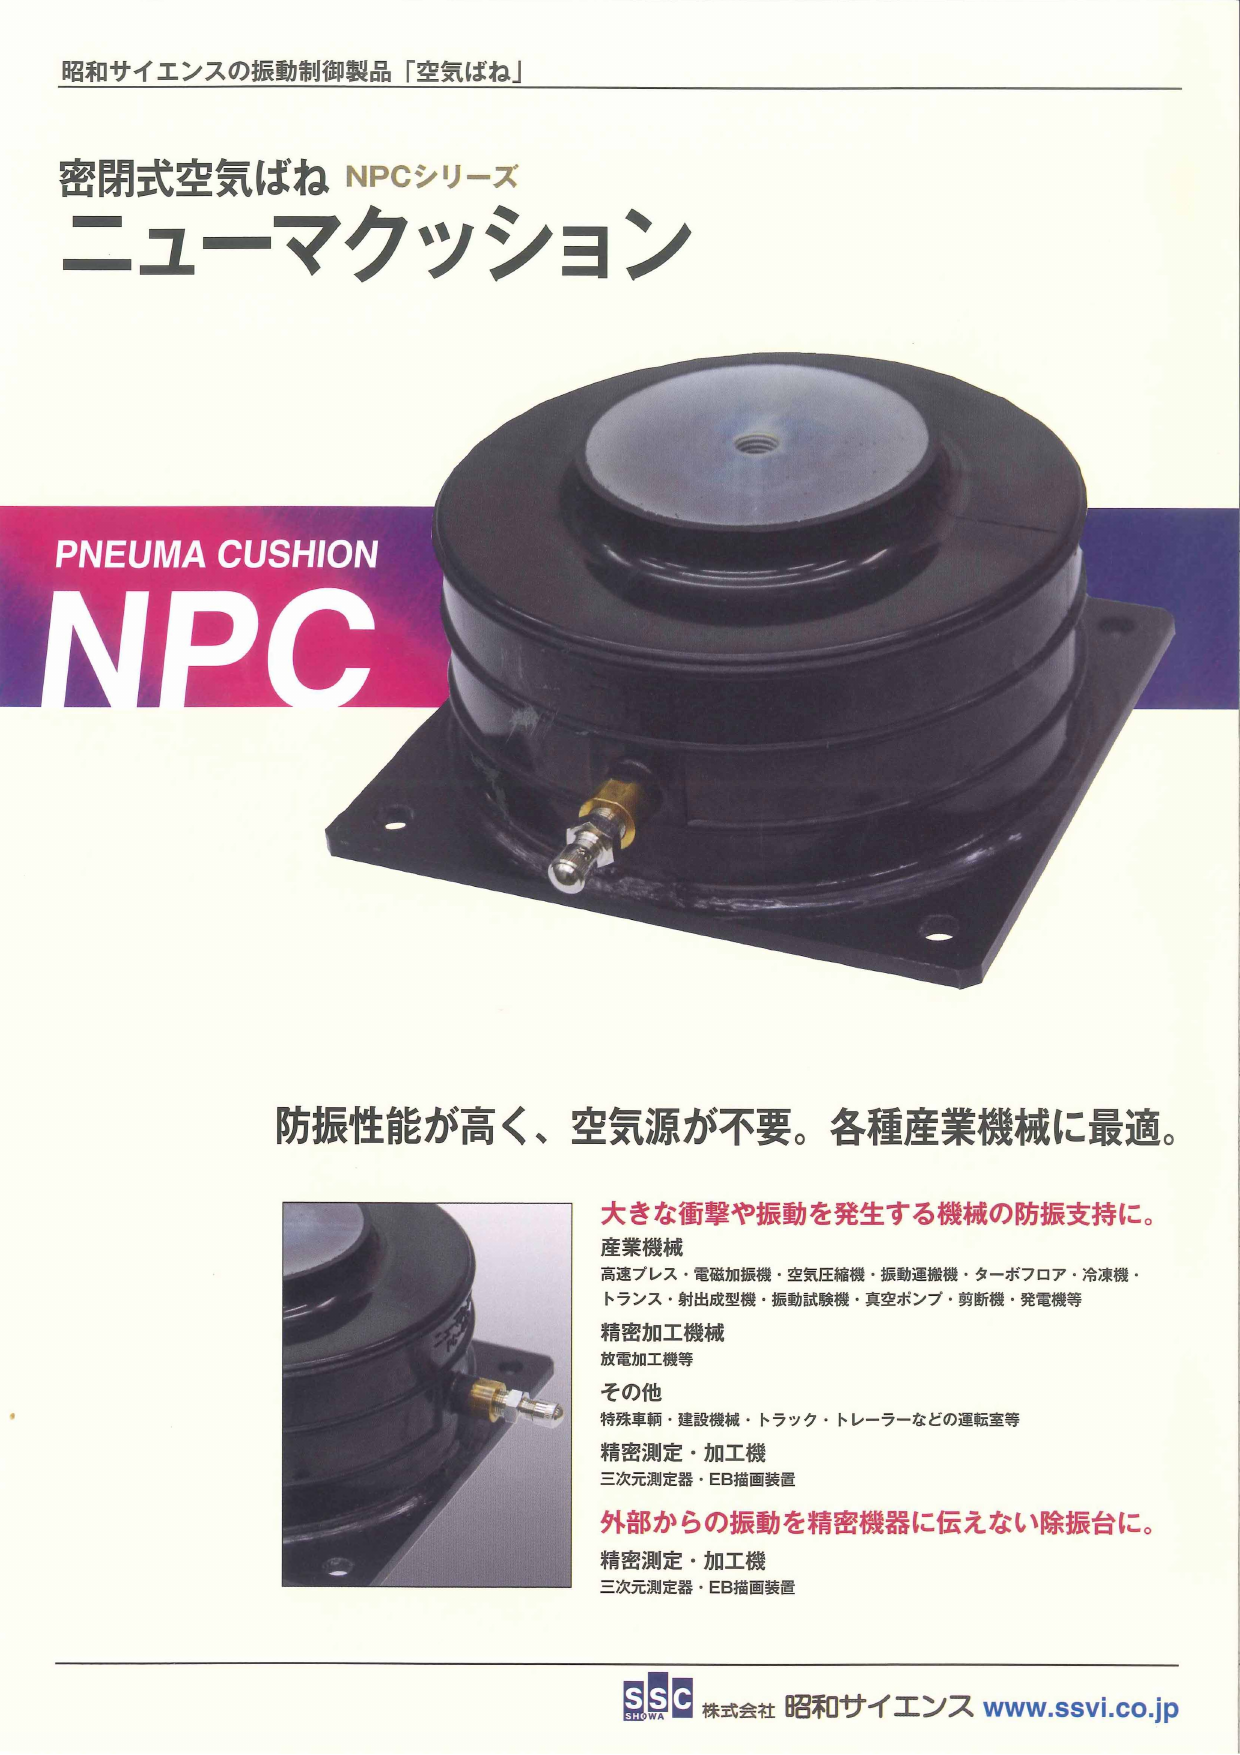 密封式空気ばねNPCシリーズ  ニューマクッション